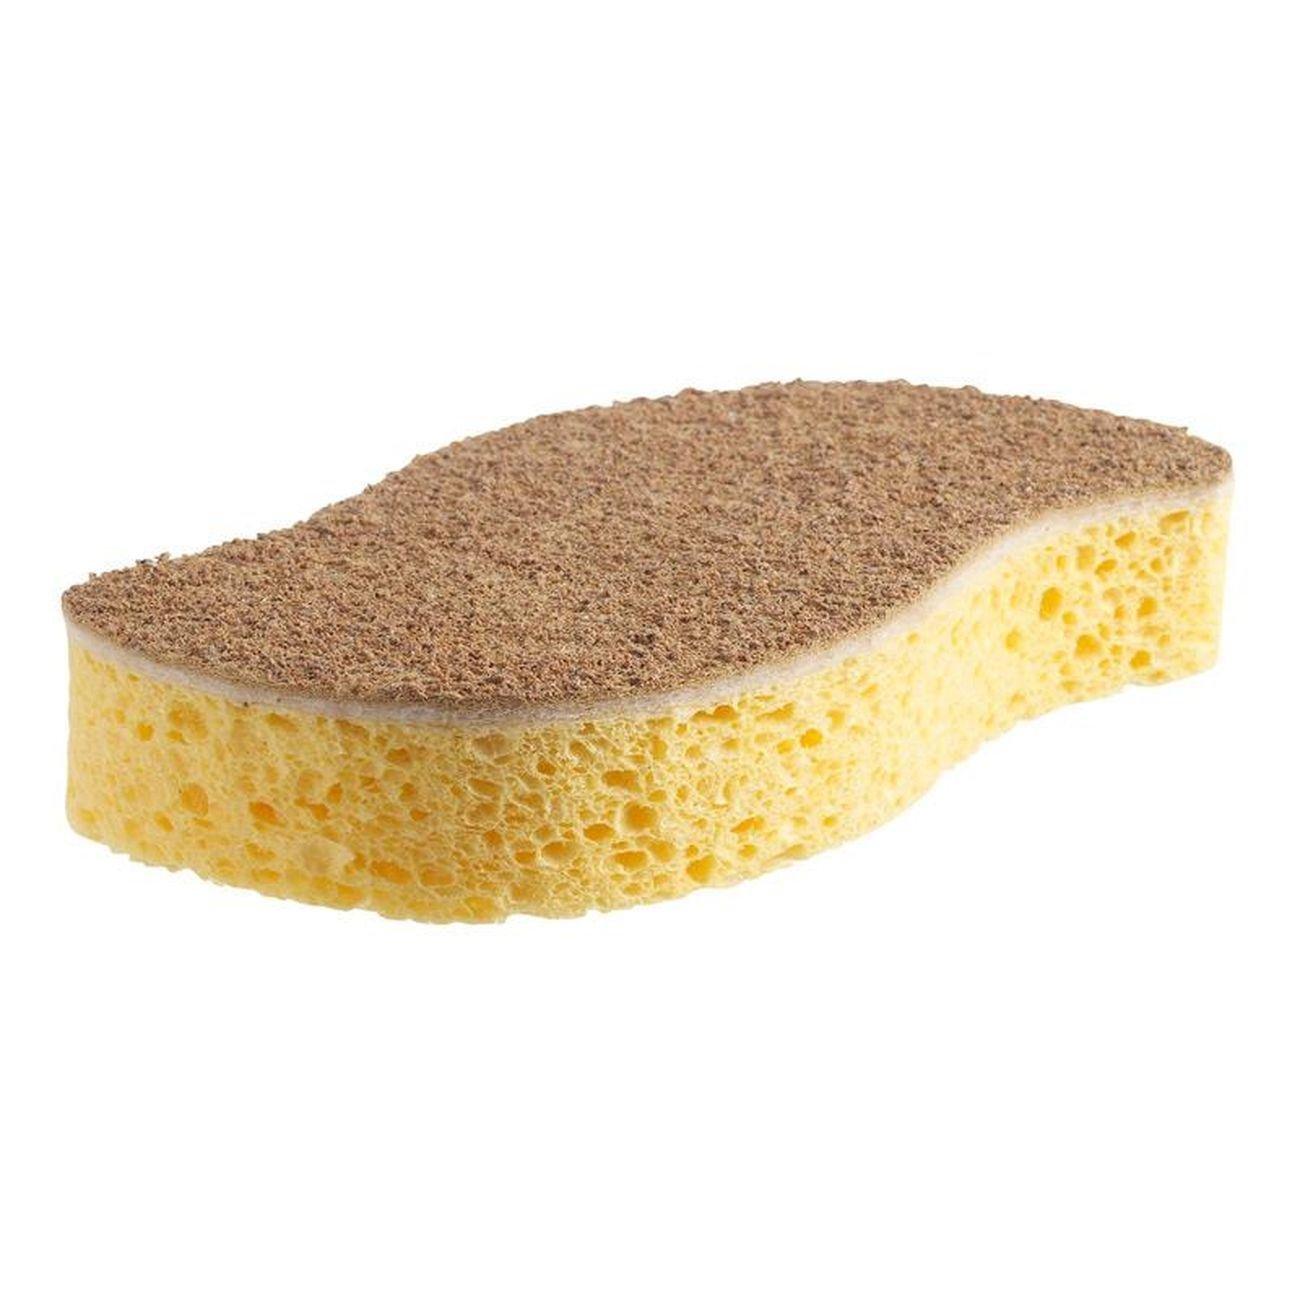 Calypso Natural Energy Peeling Sponge Hypoallergenic (replaces scrub sponge)